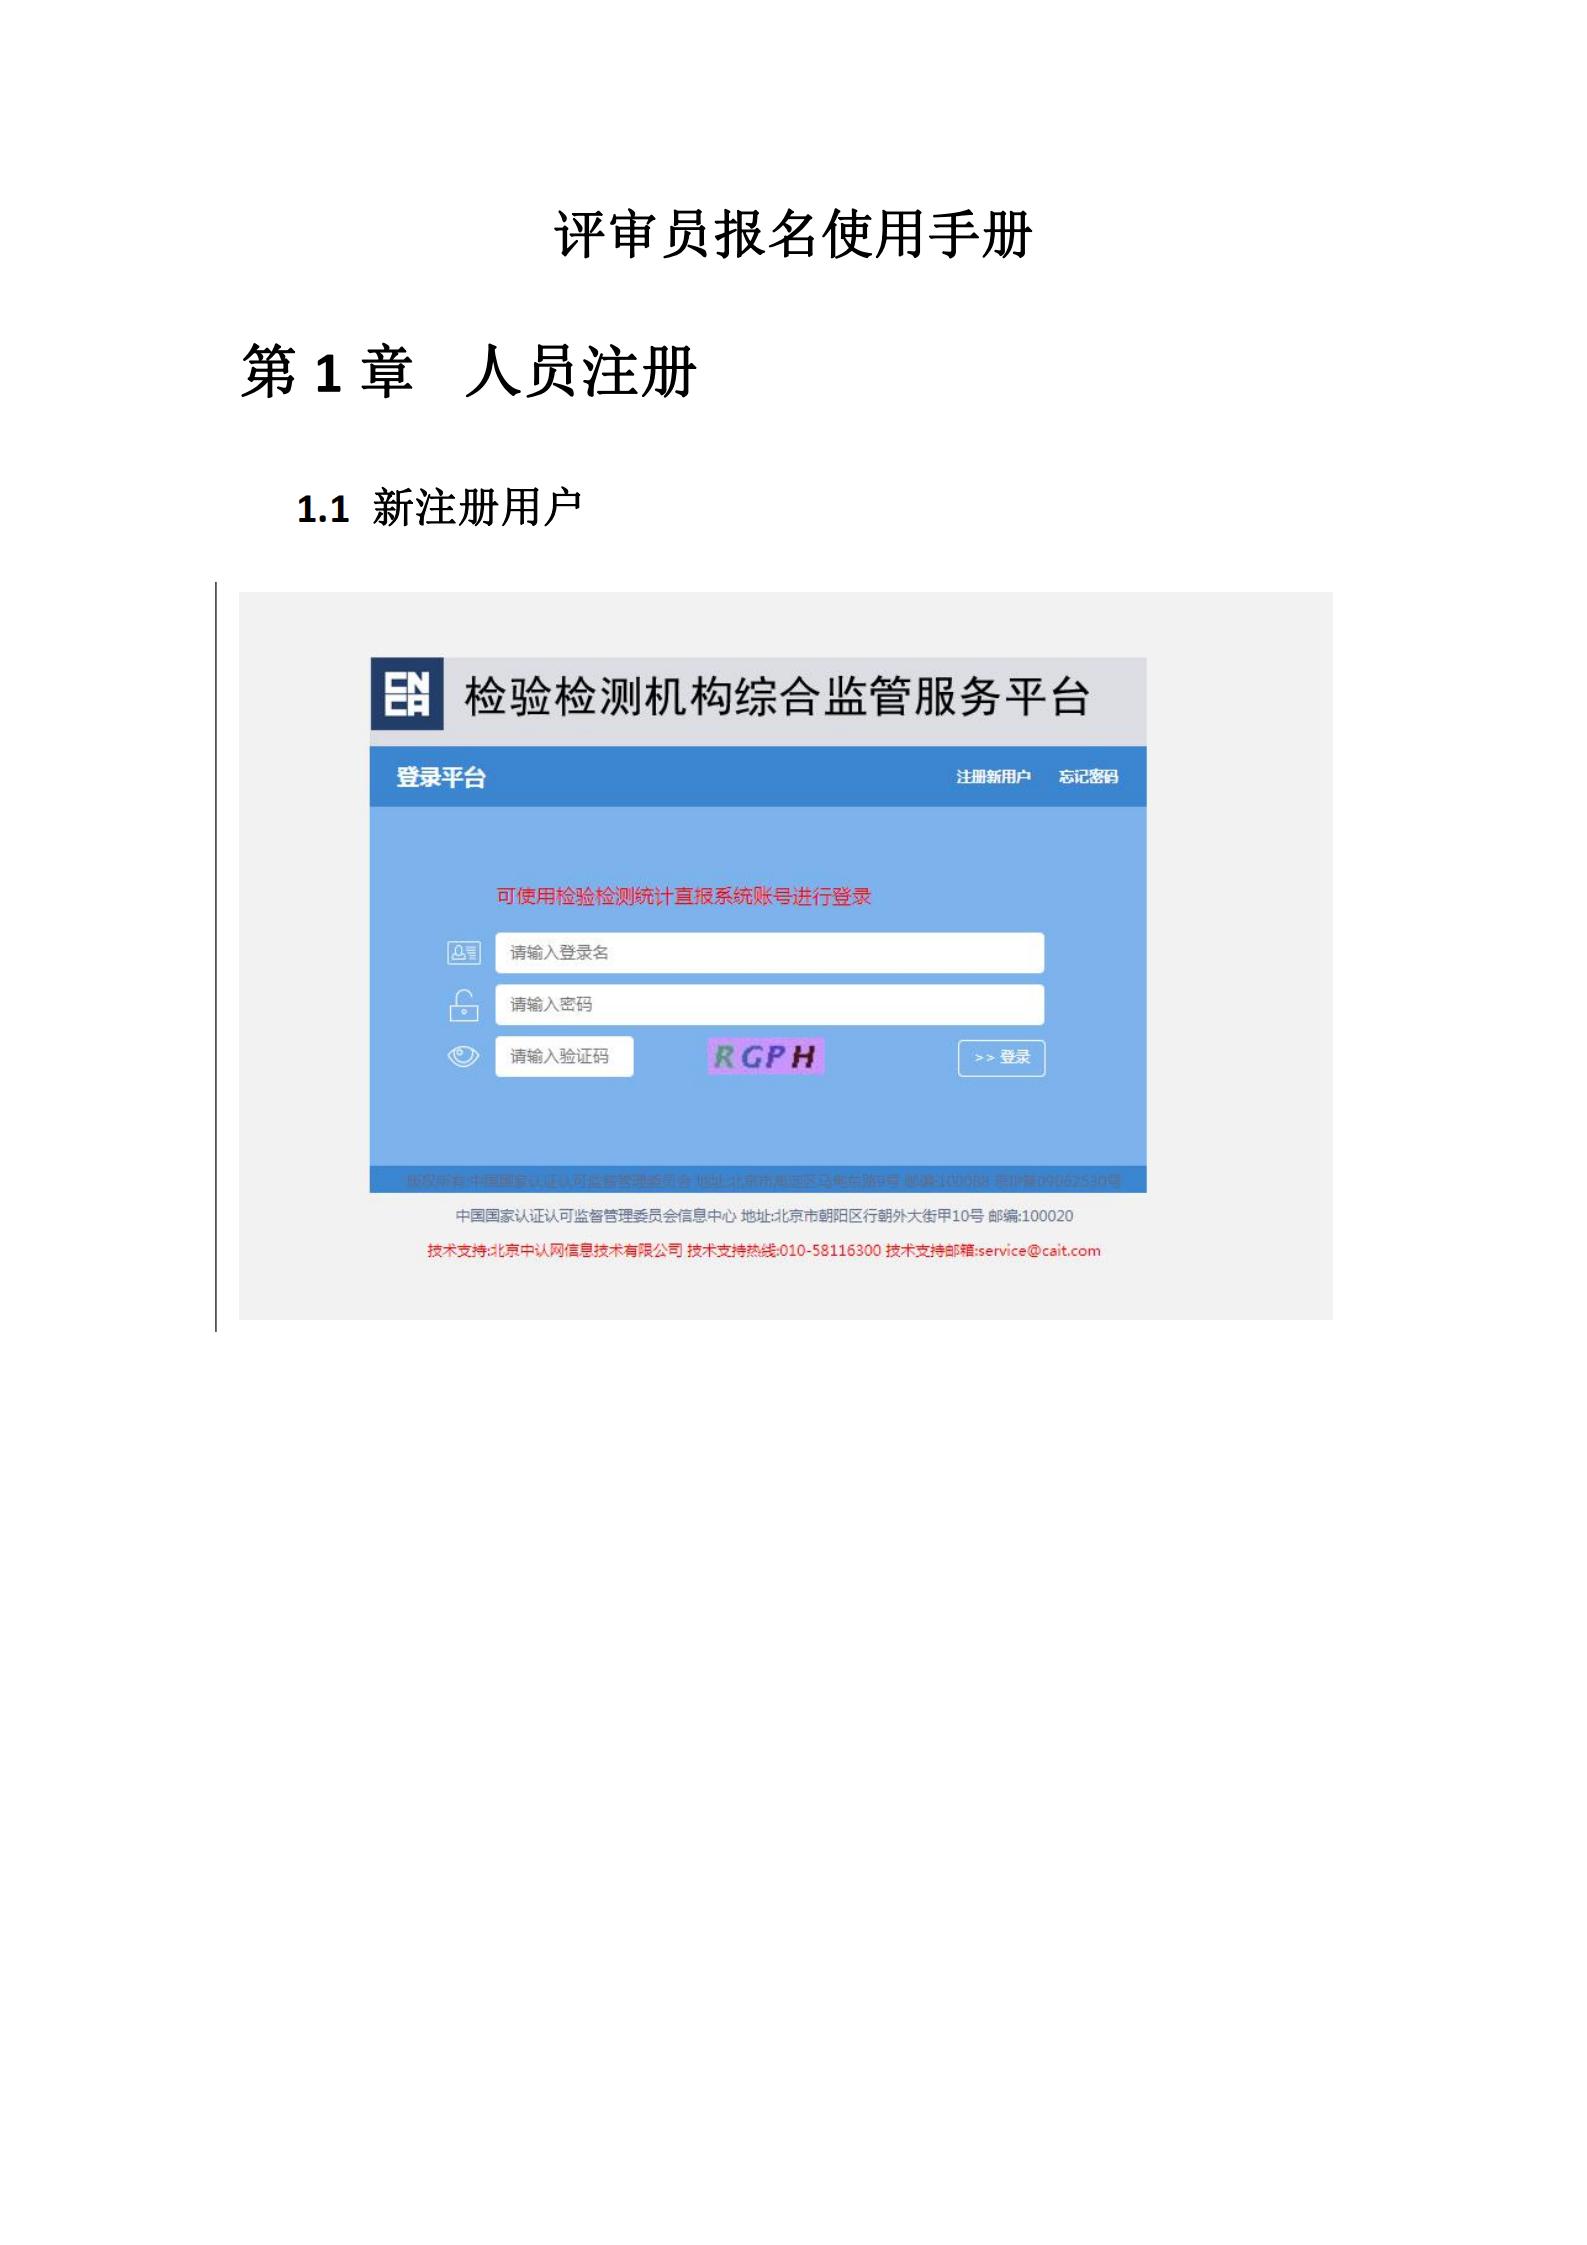 新评审员报名使用手册_00.png